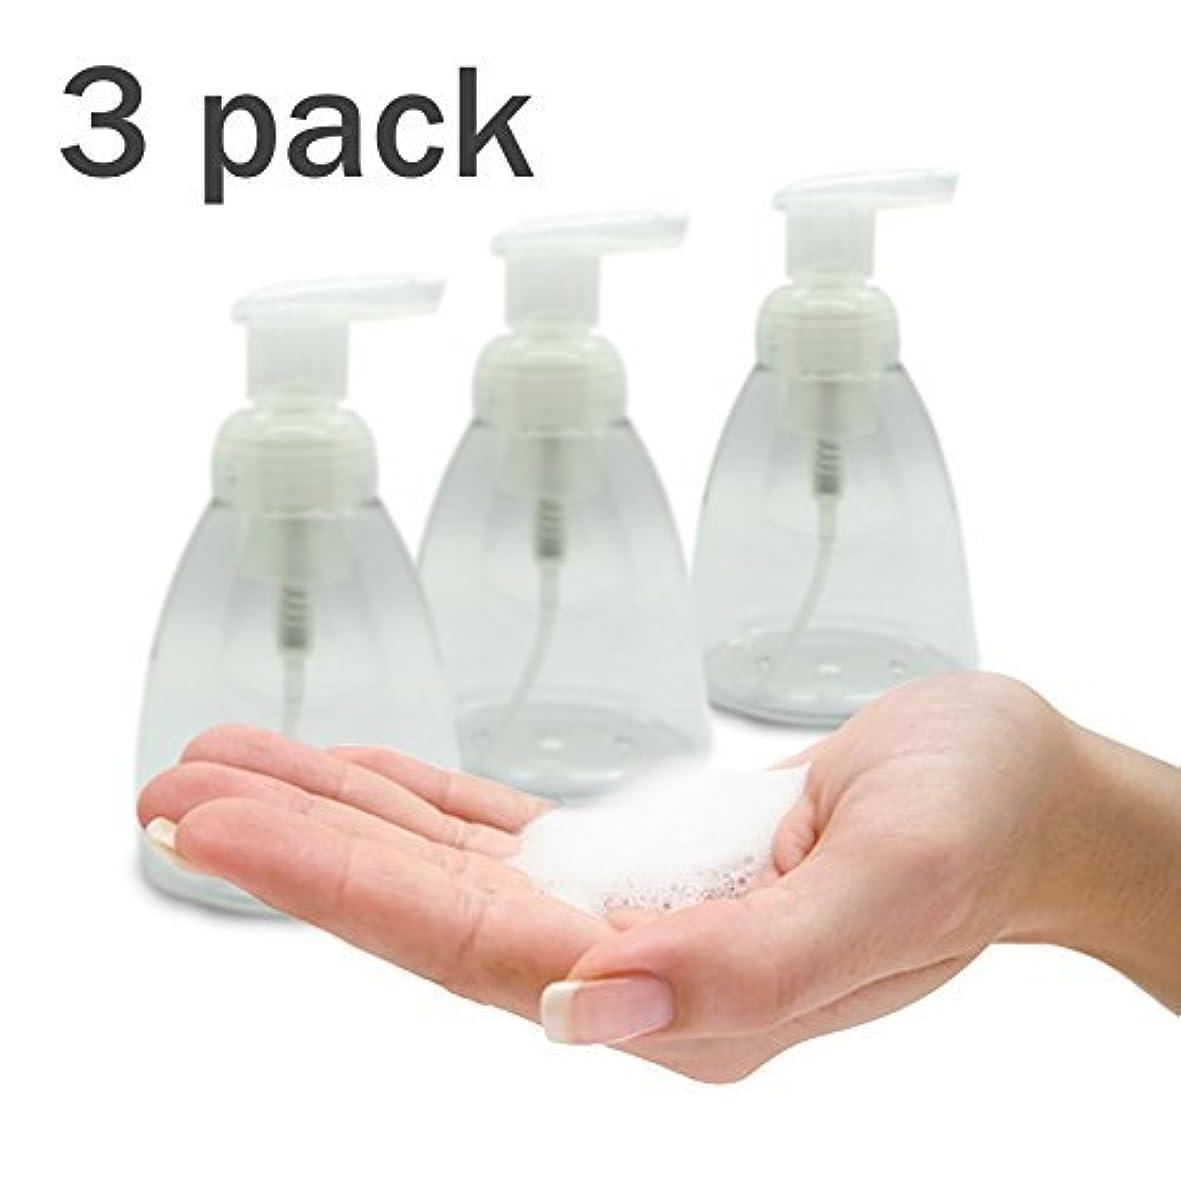 ほこりキャリア海藻Foaming Soap Dispenser Set of 3 pack 300ml (10 oz) Empty Bottles Hand Soap Liquid Containers. Save Money! Less...